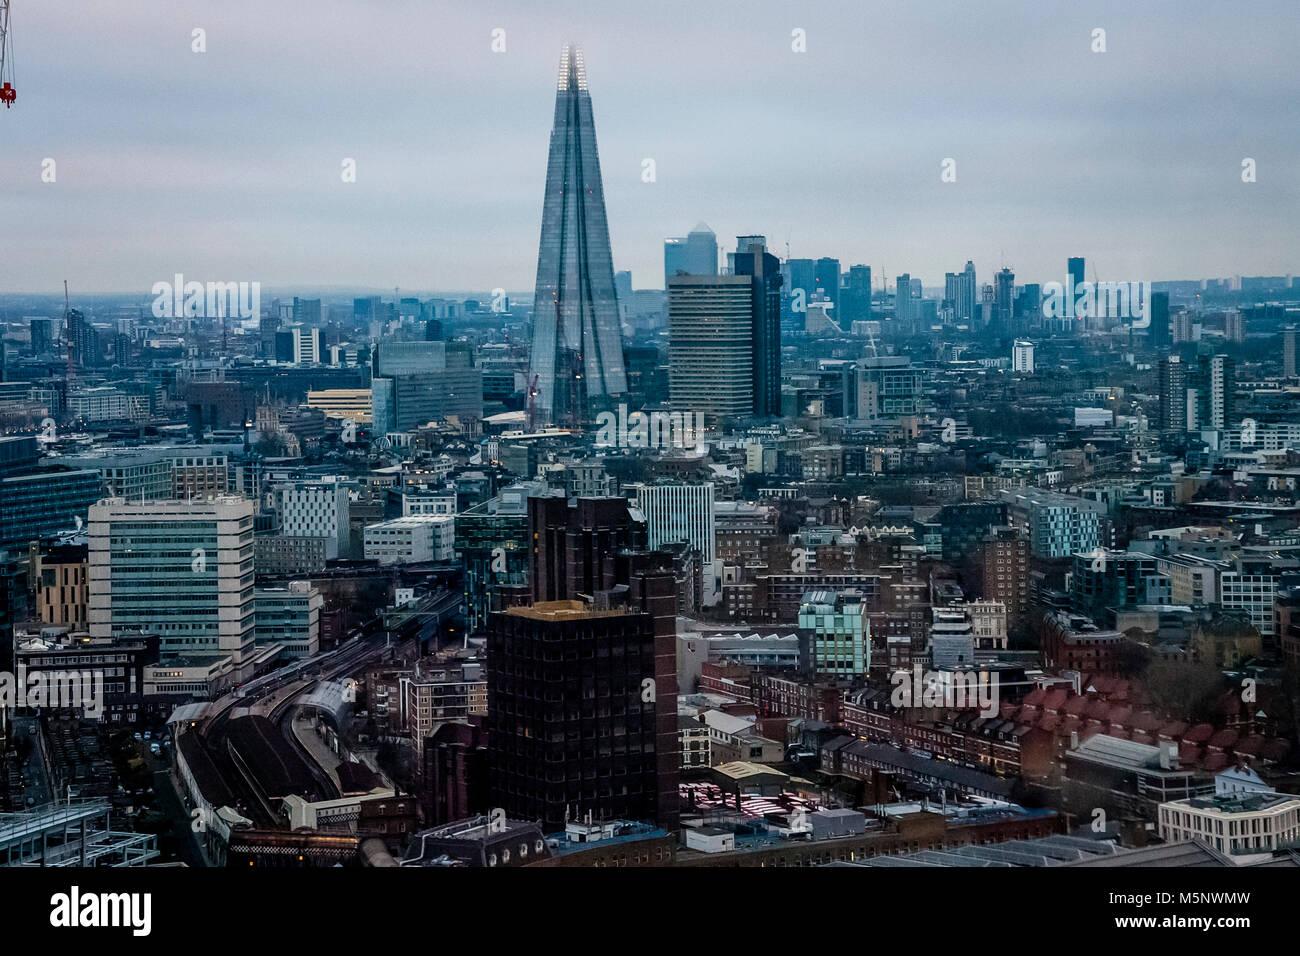 Una vista de la Shard y horizonte de Londres, Londres, Reino Unido. Imagen De Stock